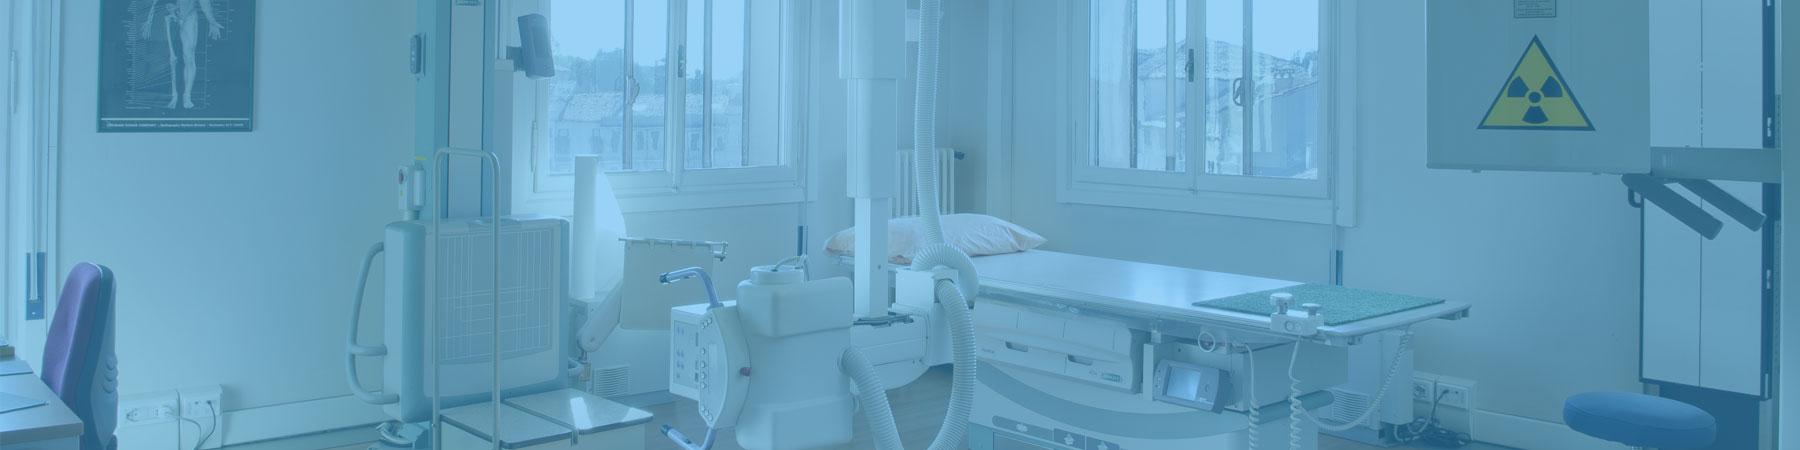 I-nostri-servizi-sanitari